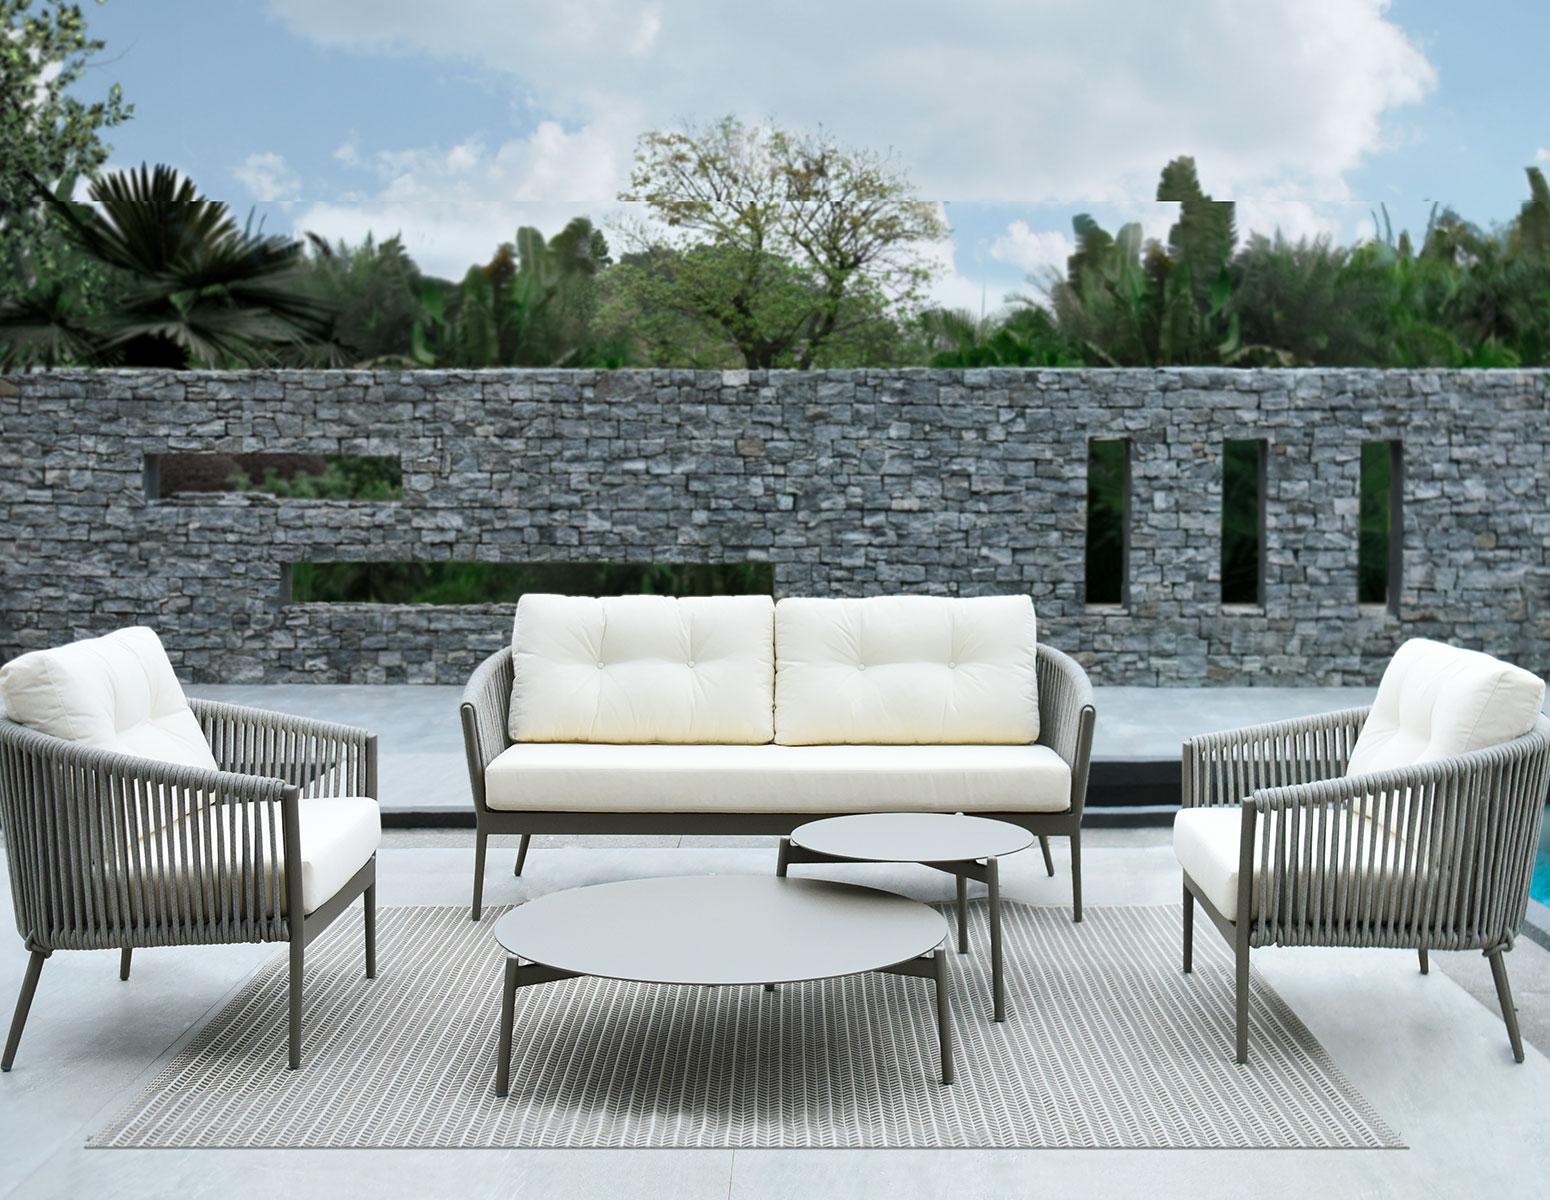 CANAPÉ CASABLANCA 2 PLACES - Mobilier de jardin Meuble design ...